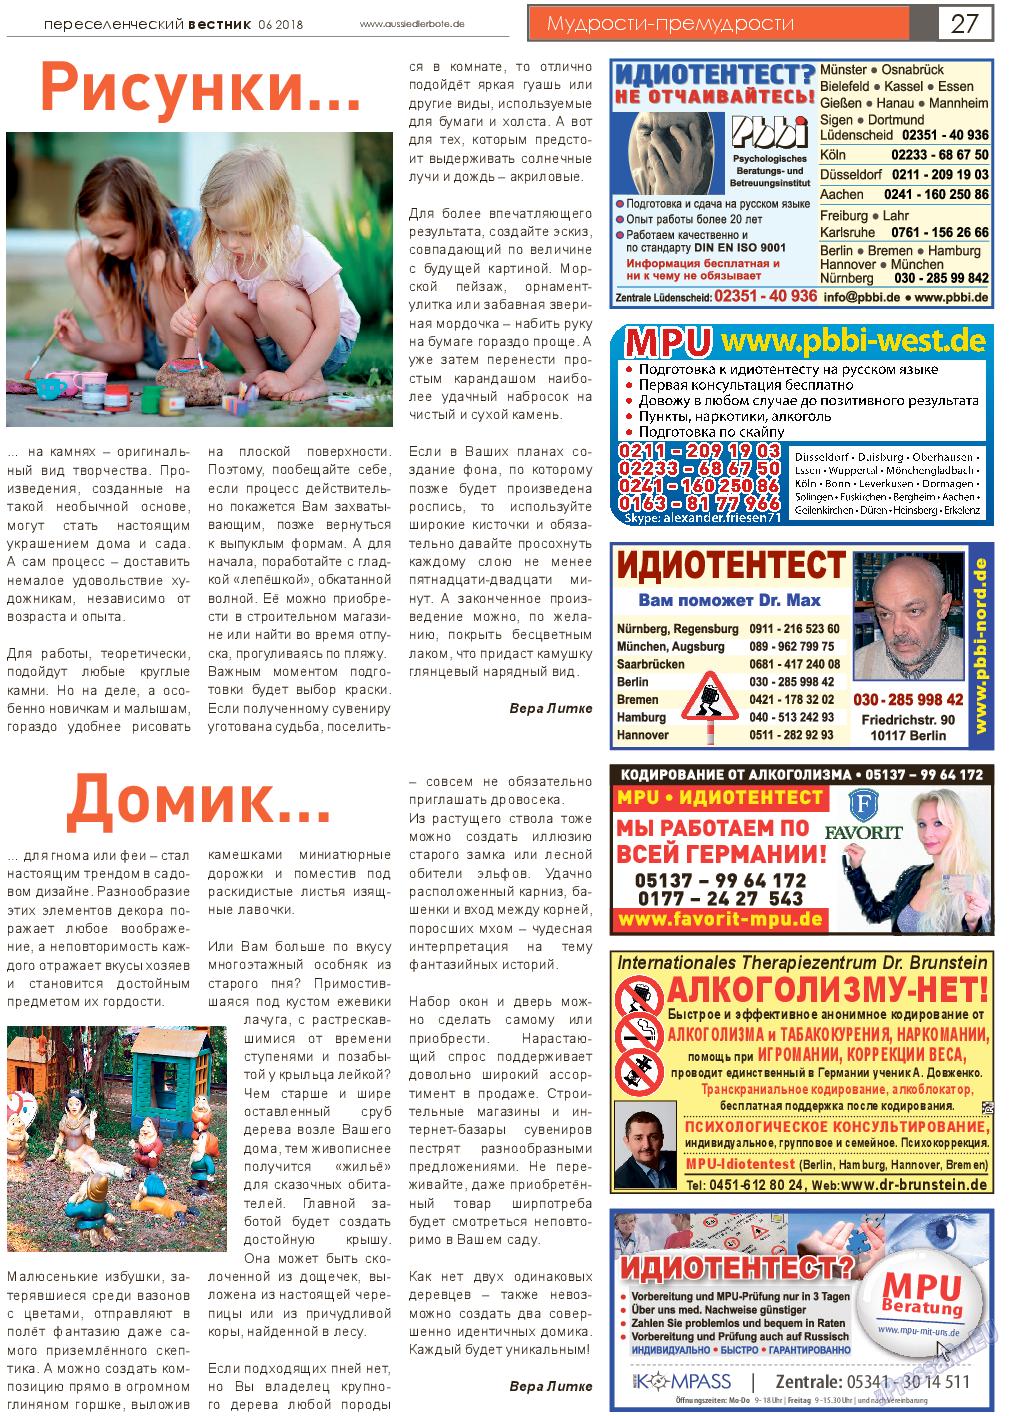 Переселенческий вестник (газета). 2018 год, номер 6, стр. 27